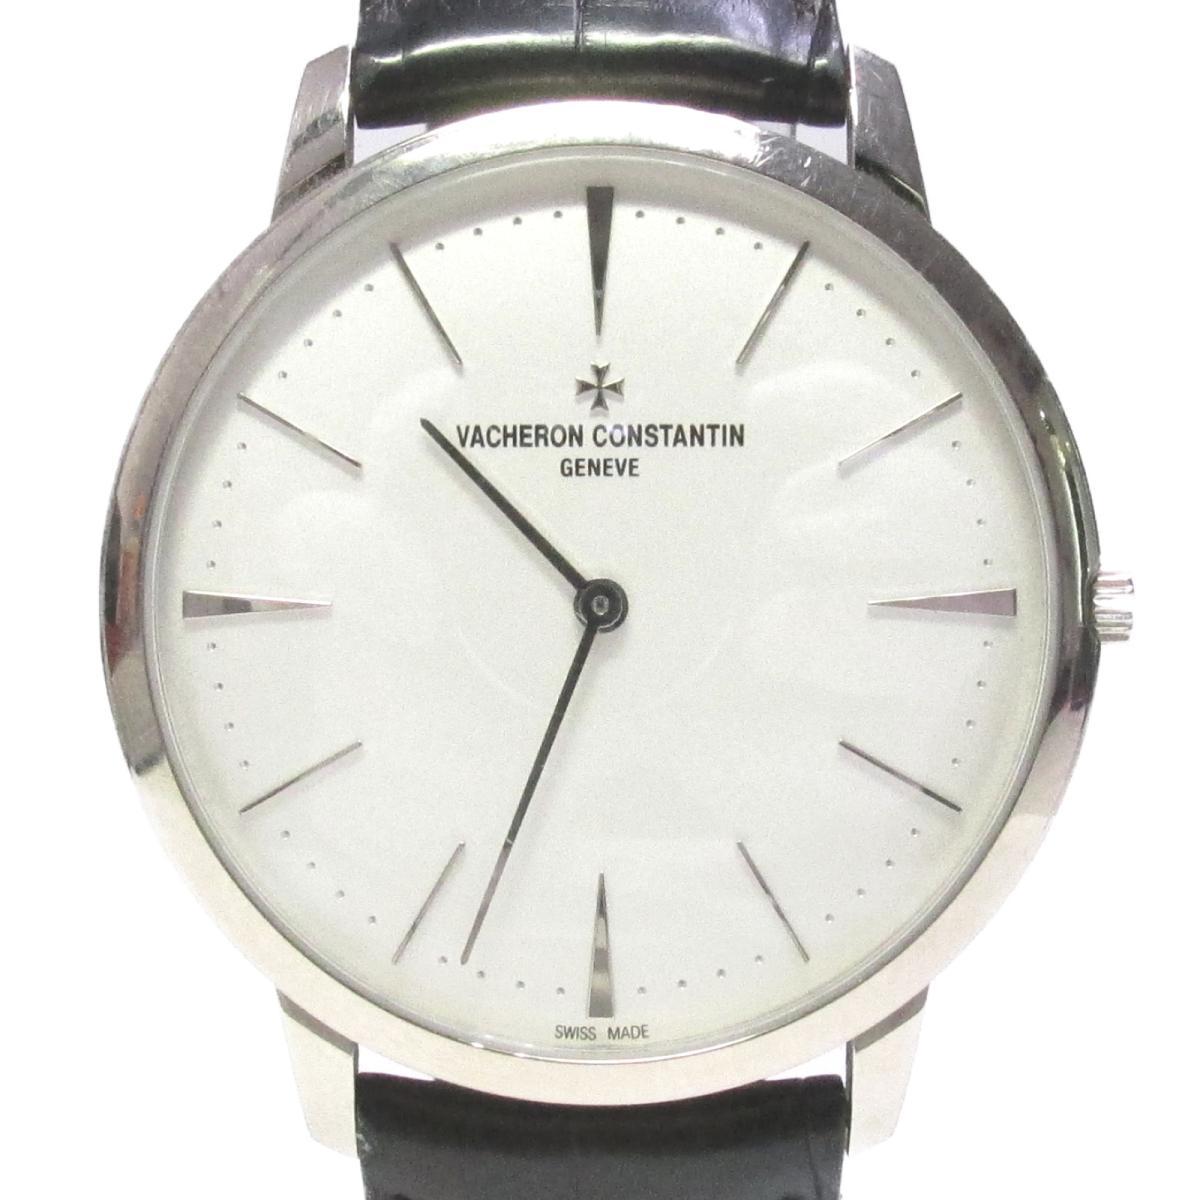 価格は安く 【】 ヴァシュロン・コンスタンタン パトリモニー 腕時計 ウォッチ メンズ K18WG (750)ホワイトゴールド アリゲーターベルト | VACHERON CONSTANTIN BRANDOFF ブランドオフ ブランド ブランド時計 ブランド腕時計 時計, だっちょん先生 4dda7ff4